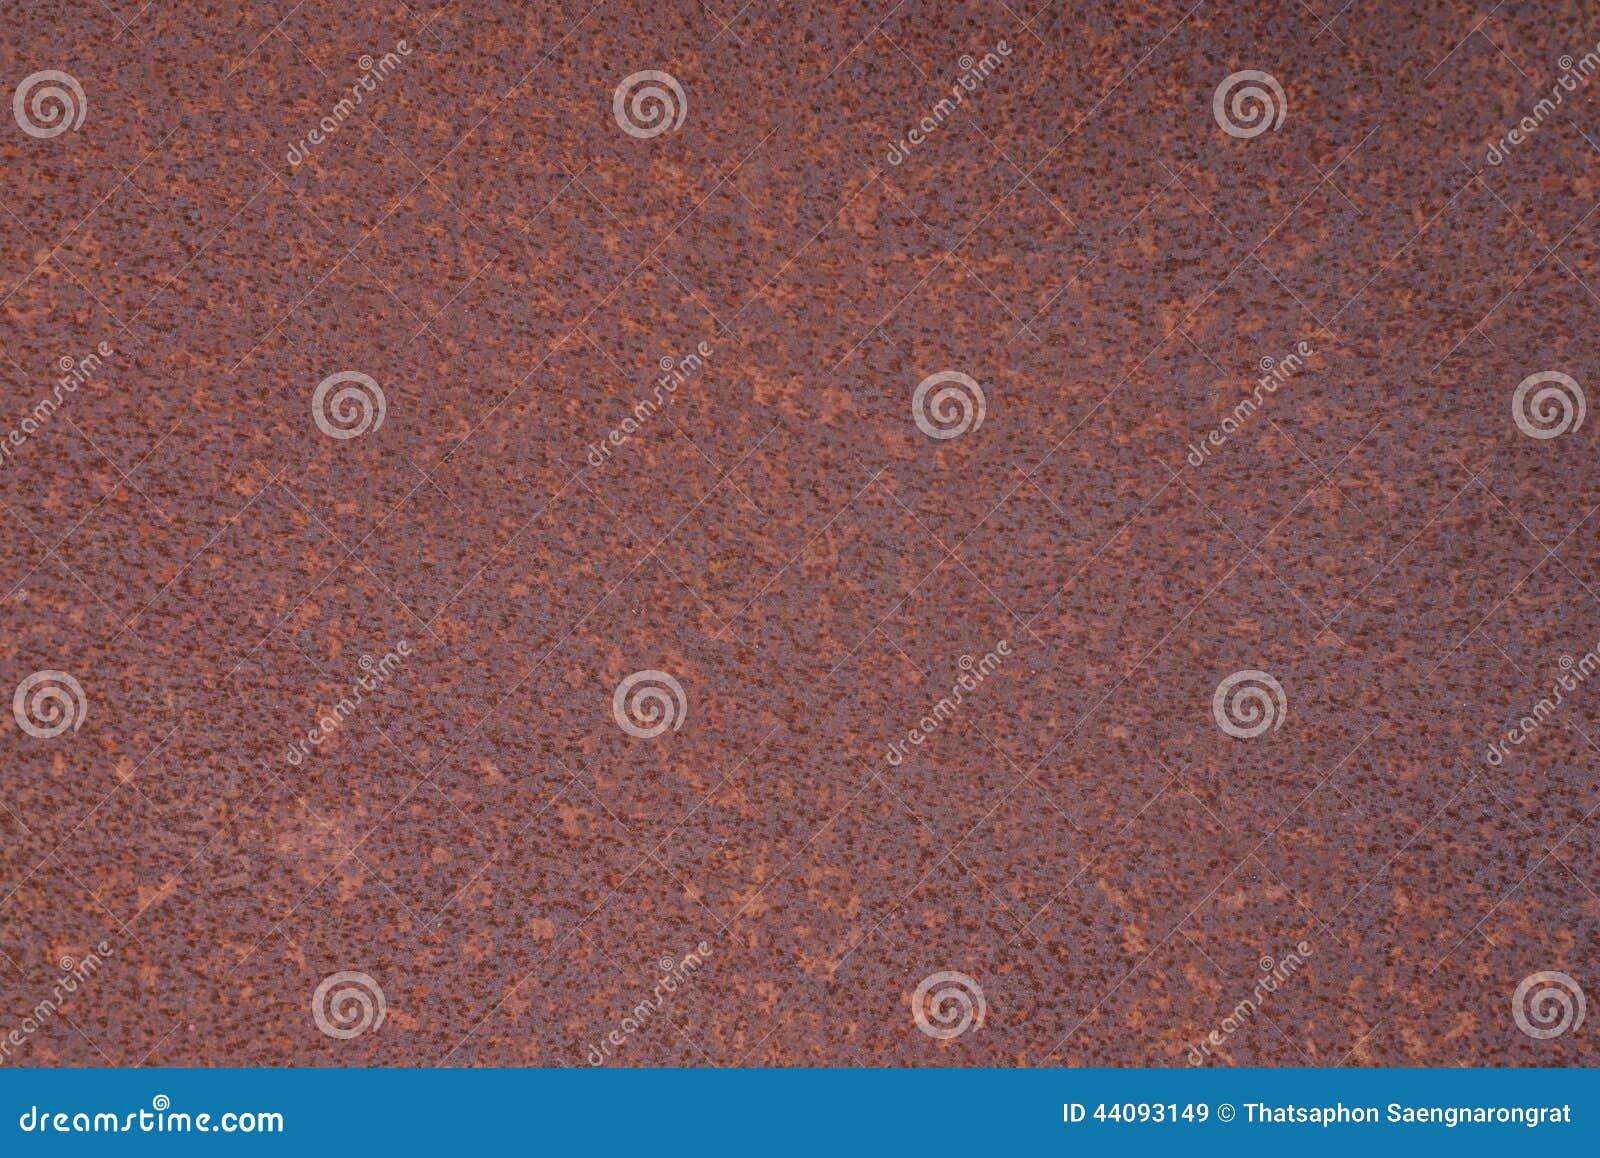 texture grunge de rouille de fer vieux fond en acier de corrosion photo stock image 44093149. Black Bedroom Furniture Sets. Home Design Ideas